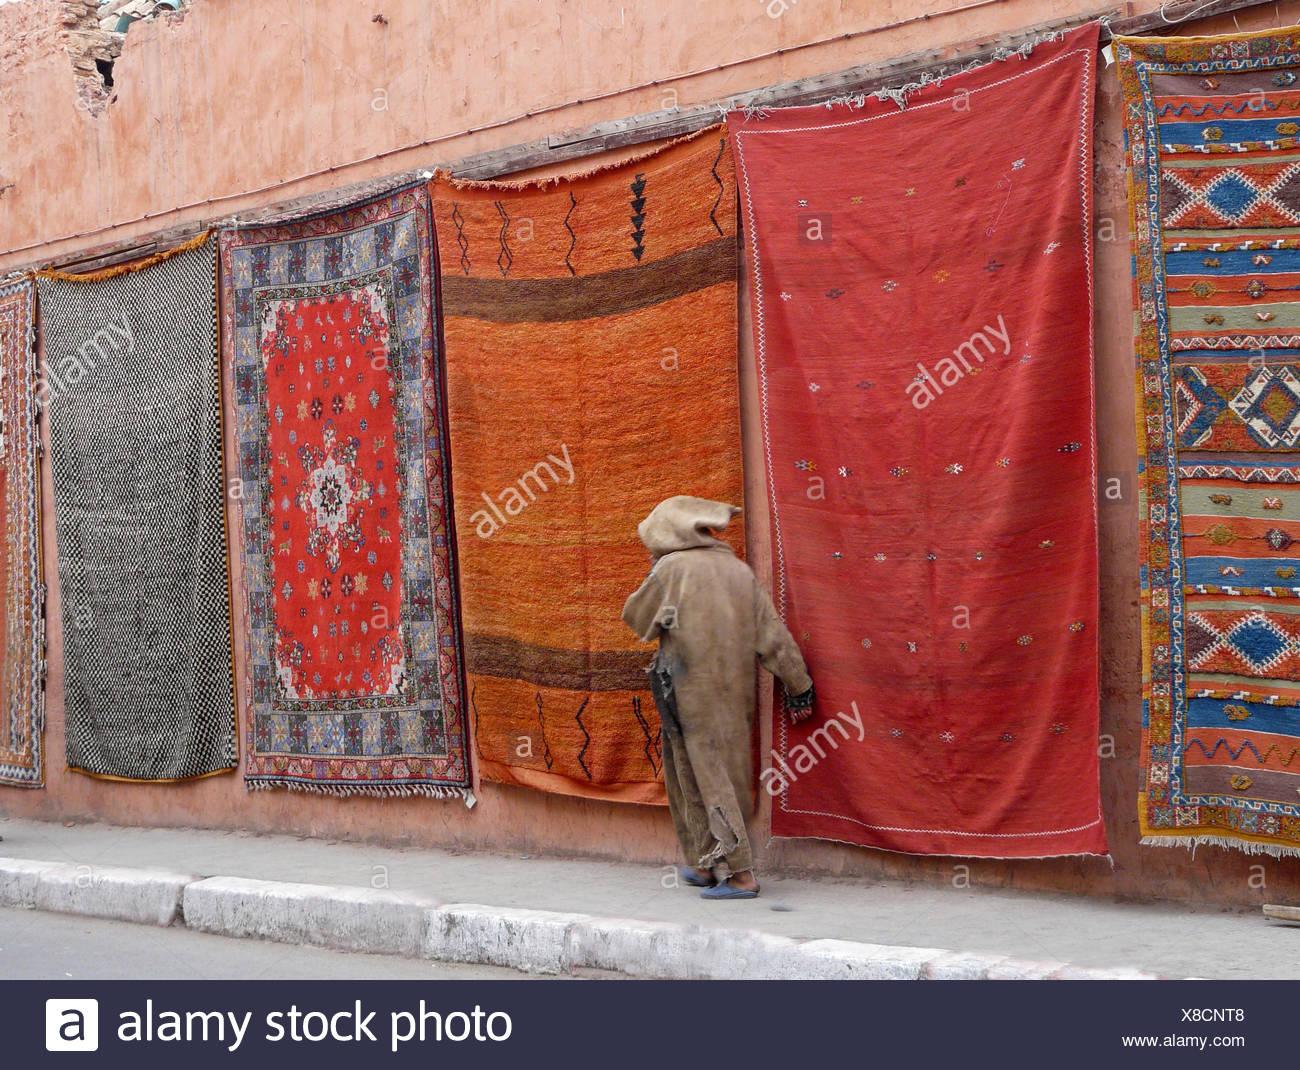 Arabisch mantel ahnlicher umhang